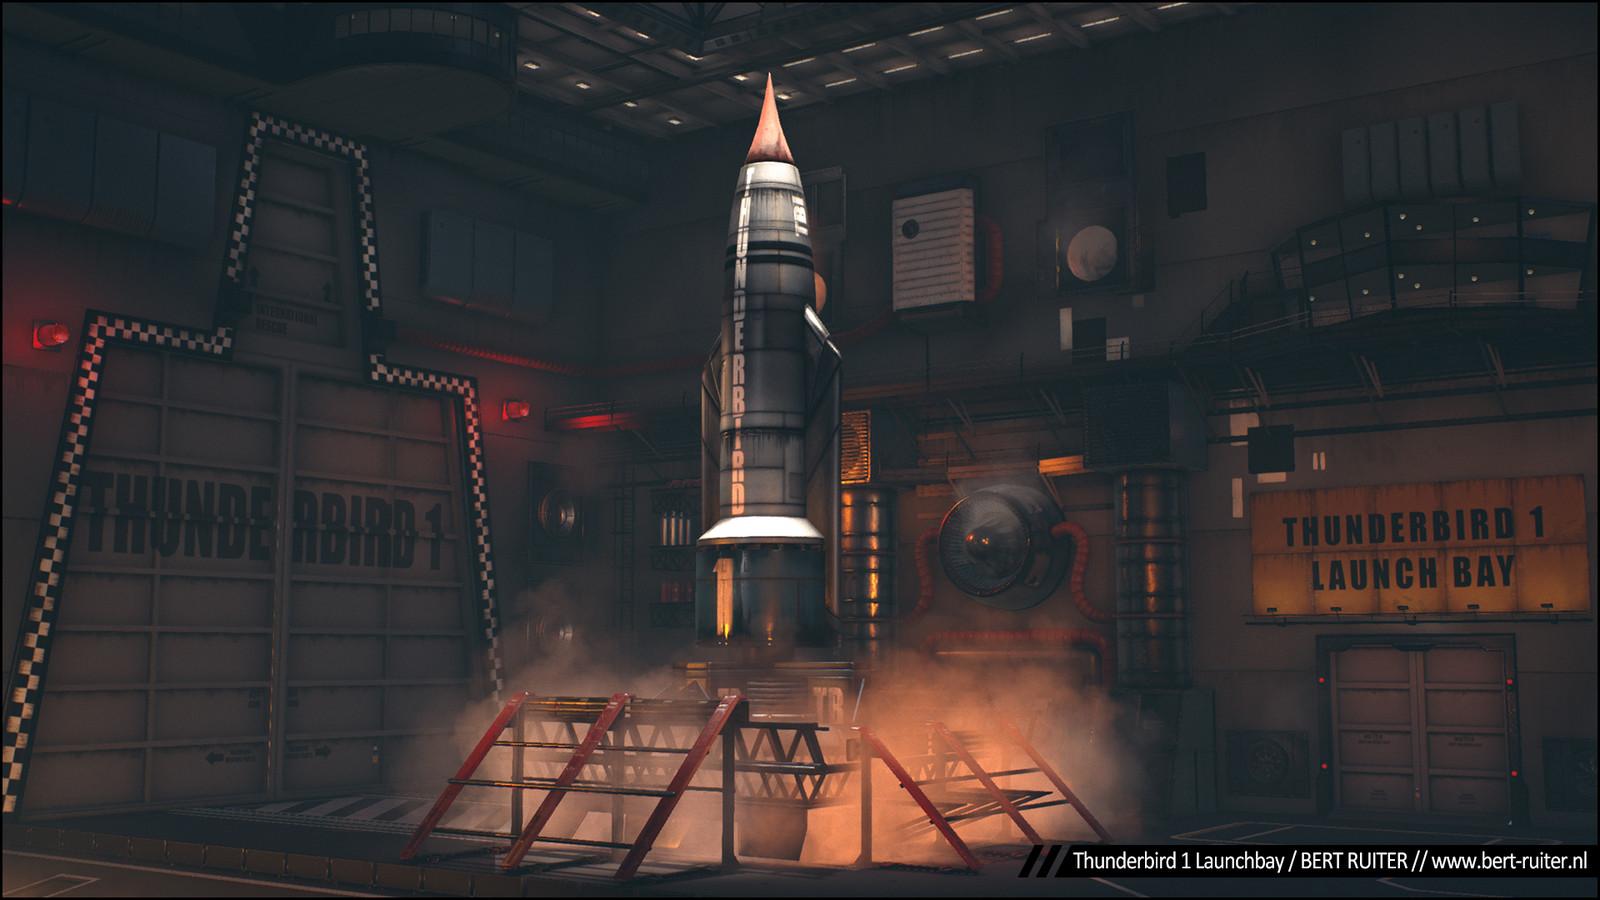 Thunderbird 1 Launchbay